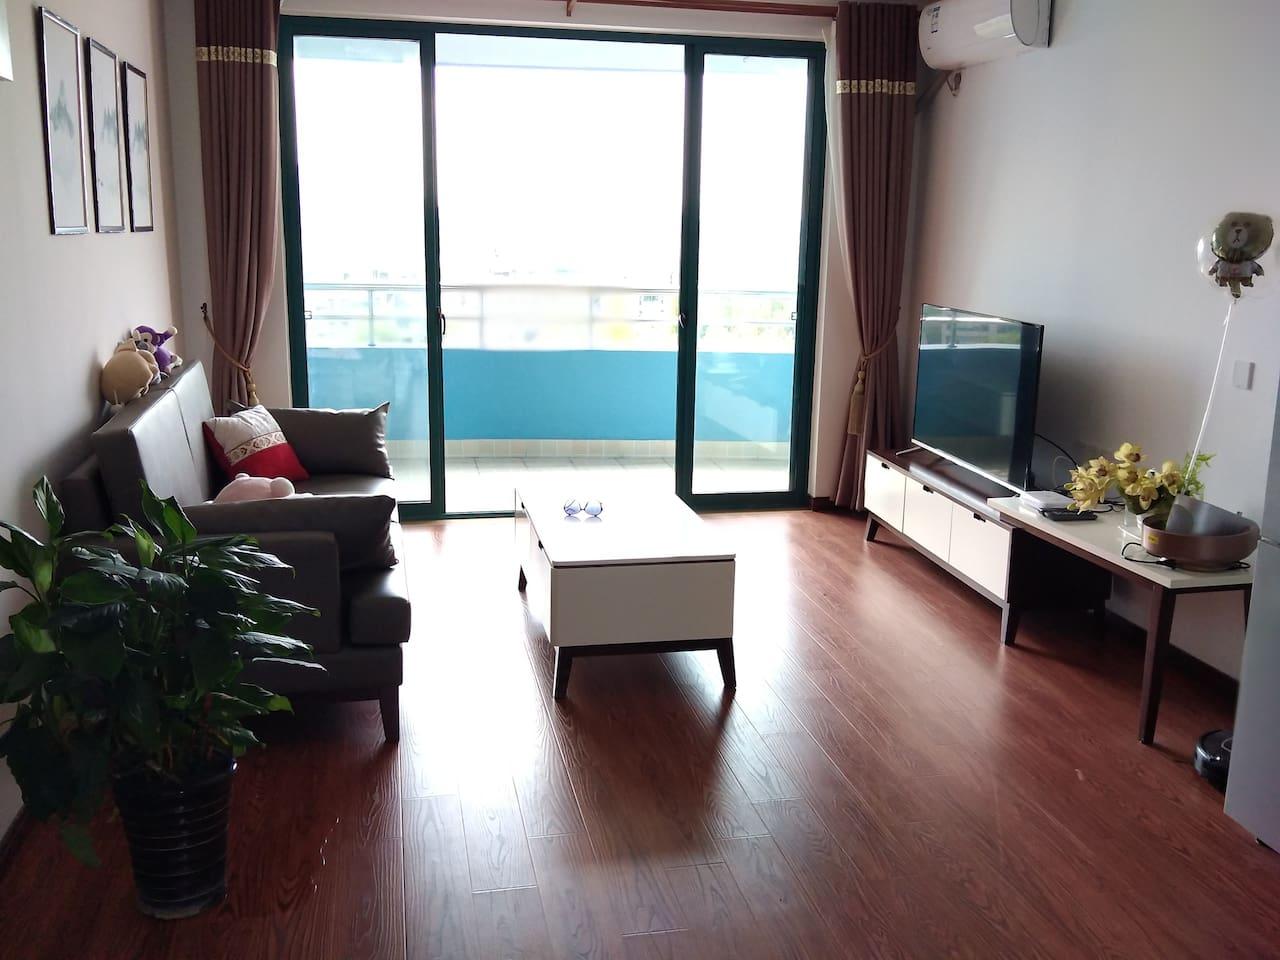 客厅配有电视 沙发 茶几 餐桌等家具,从客厅阳台可以看到陆家嘴金融中心。